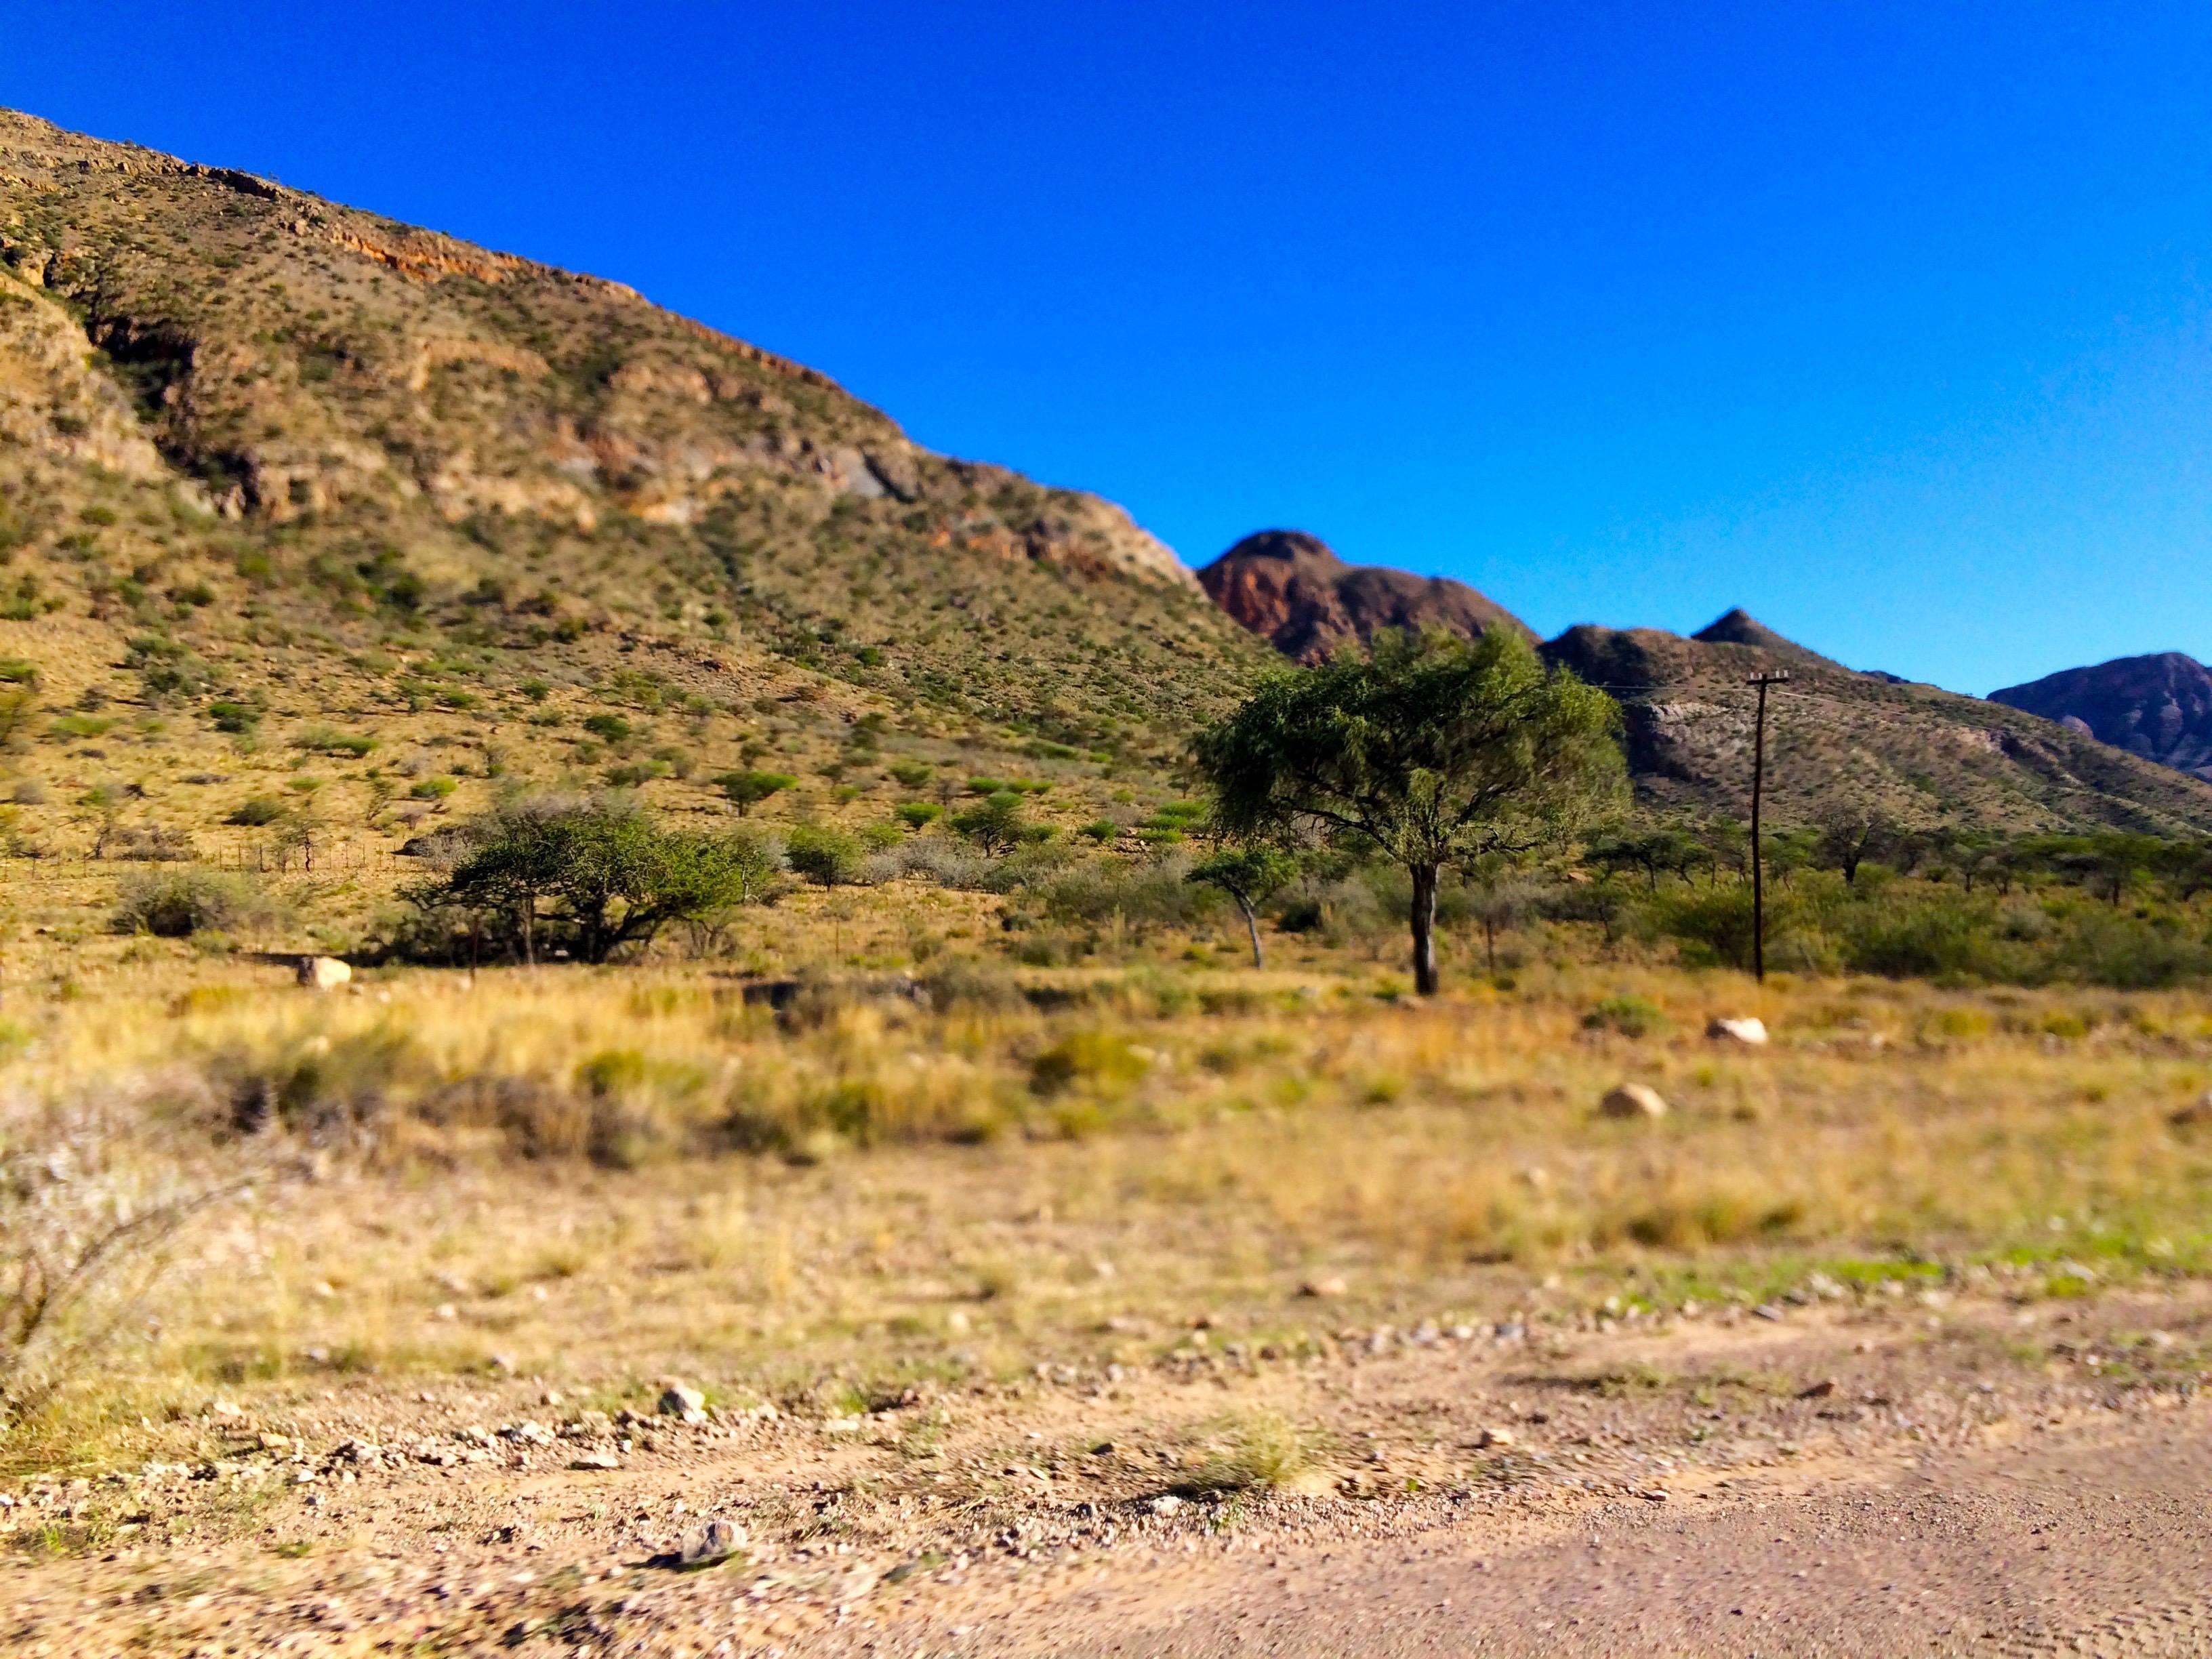 De la roche avant le désert